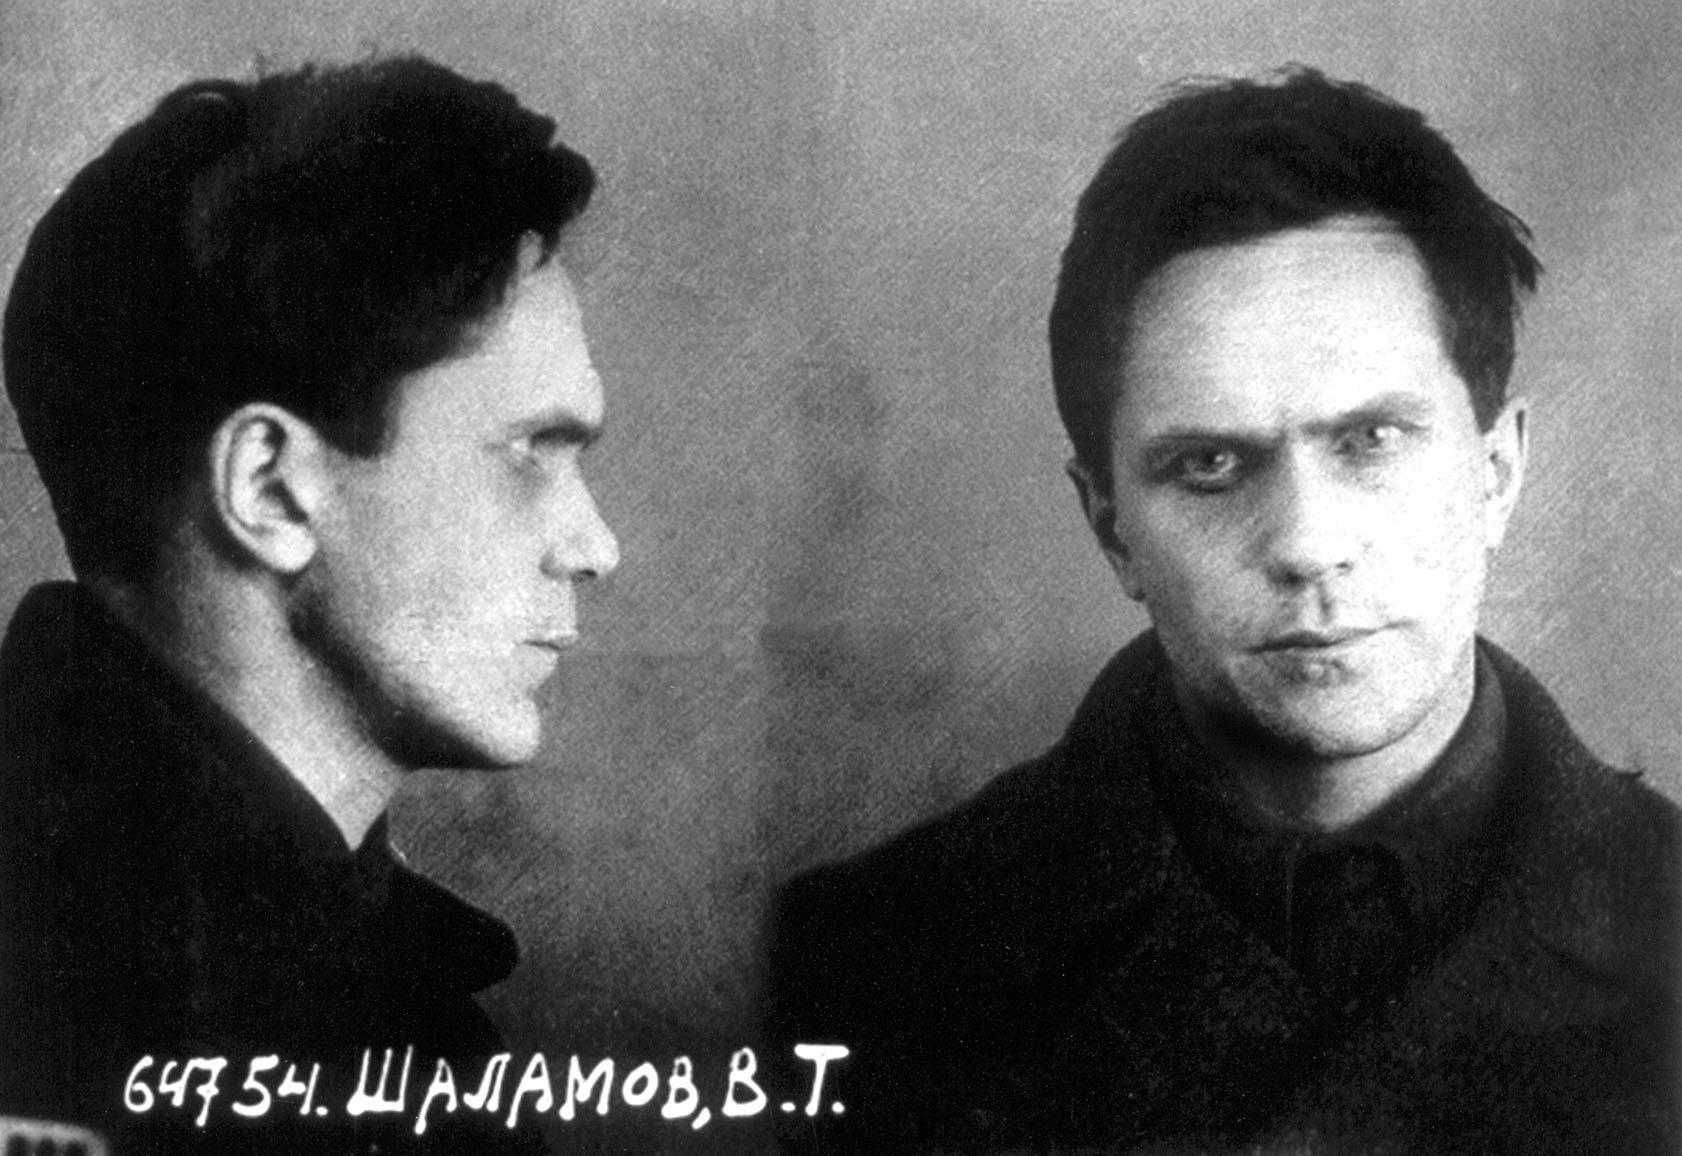 Варлам Шаламов. Фото из личного дела, 1937 год. Источник: «Википедия».